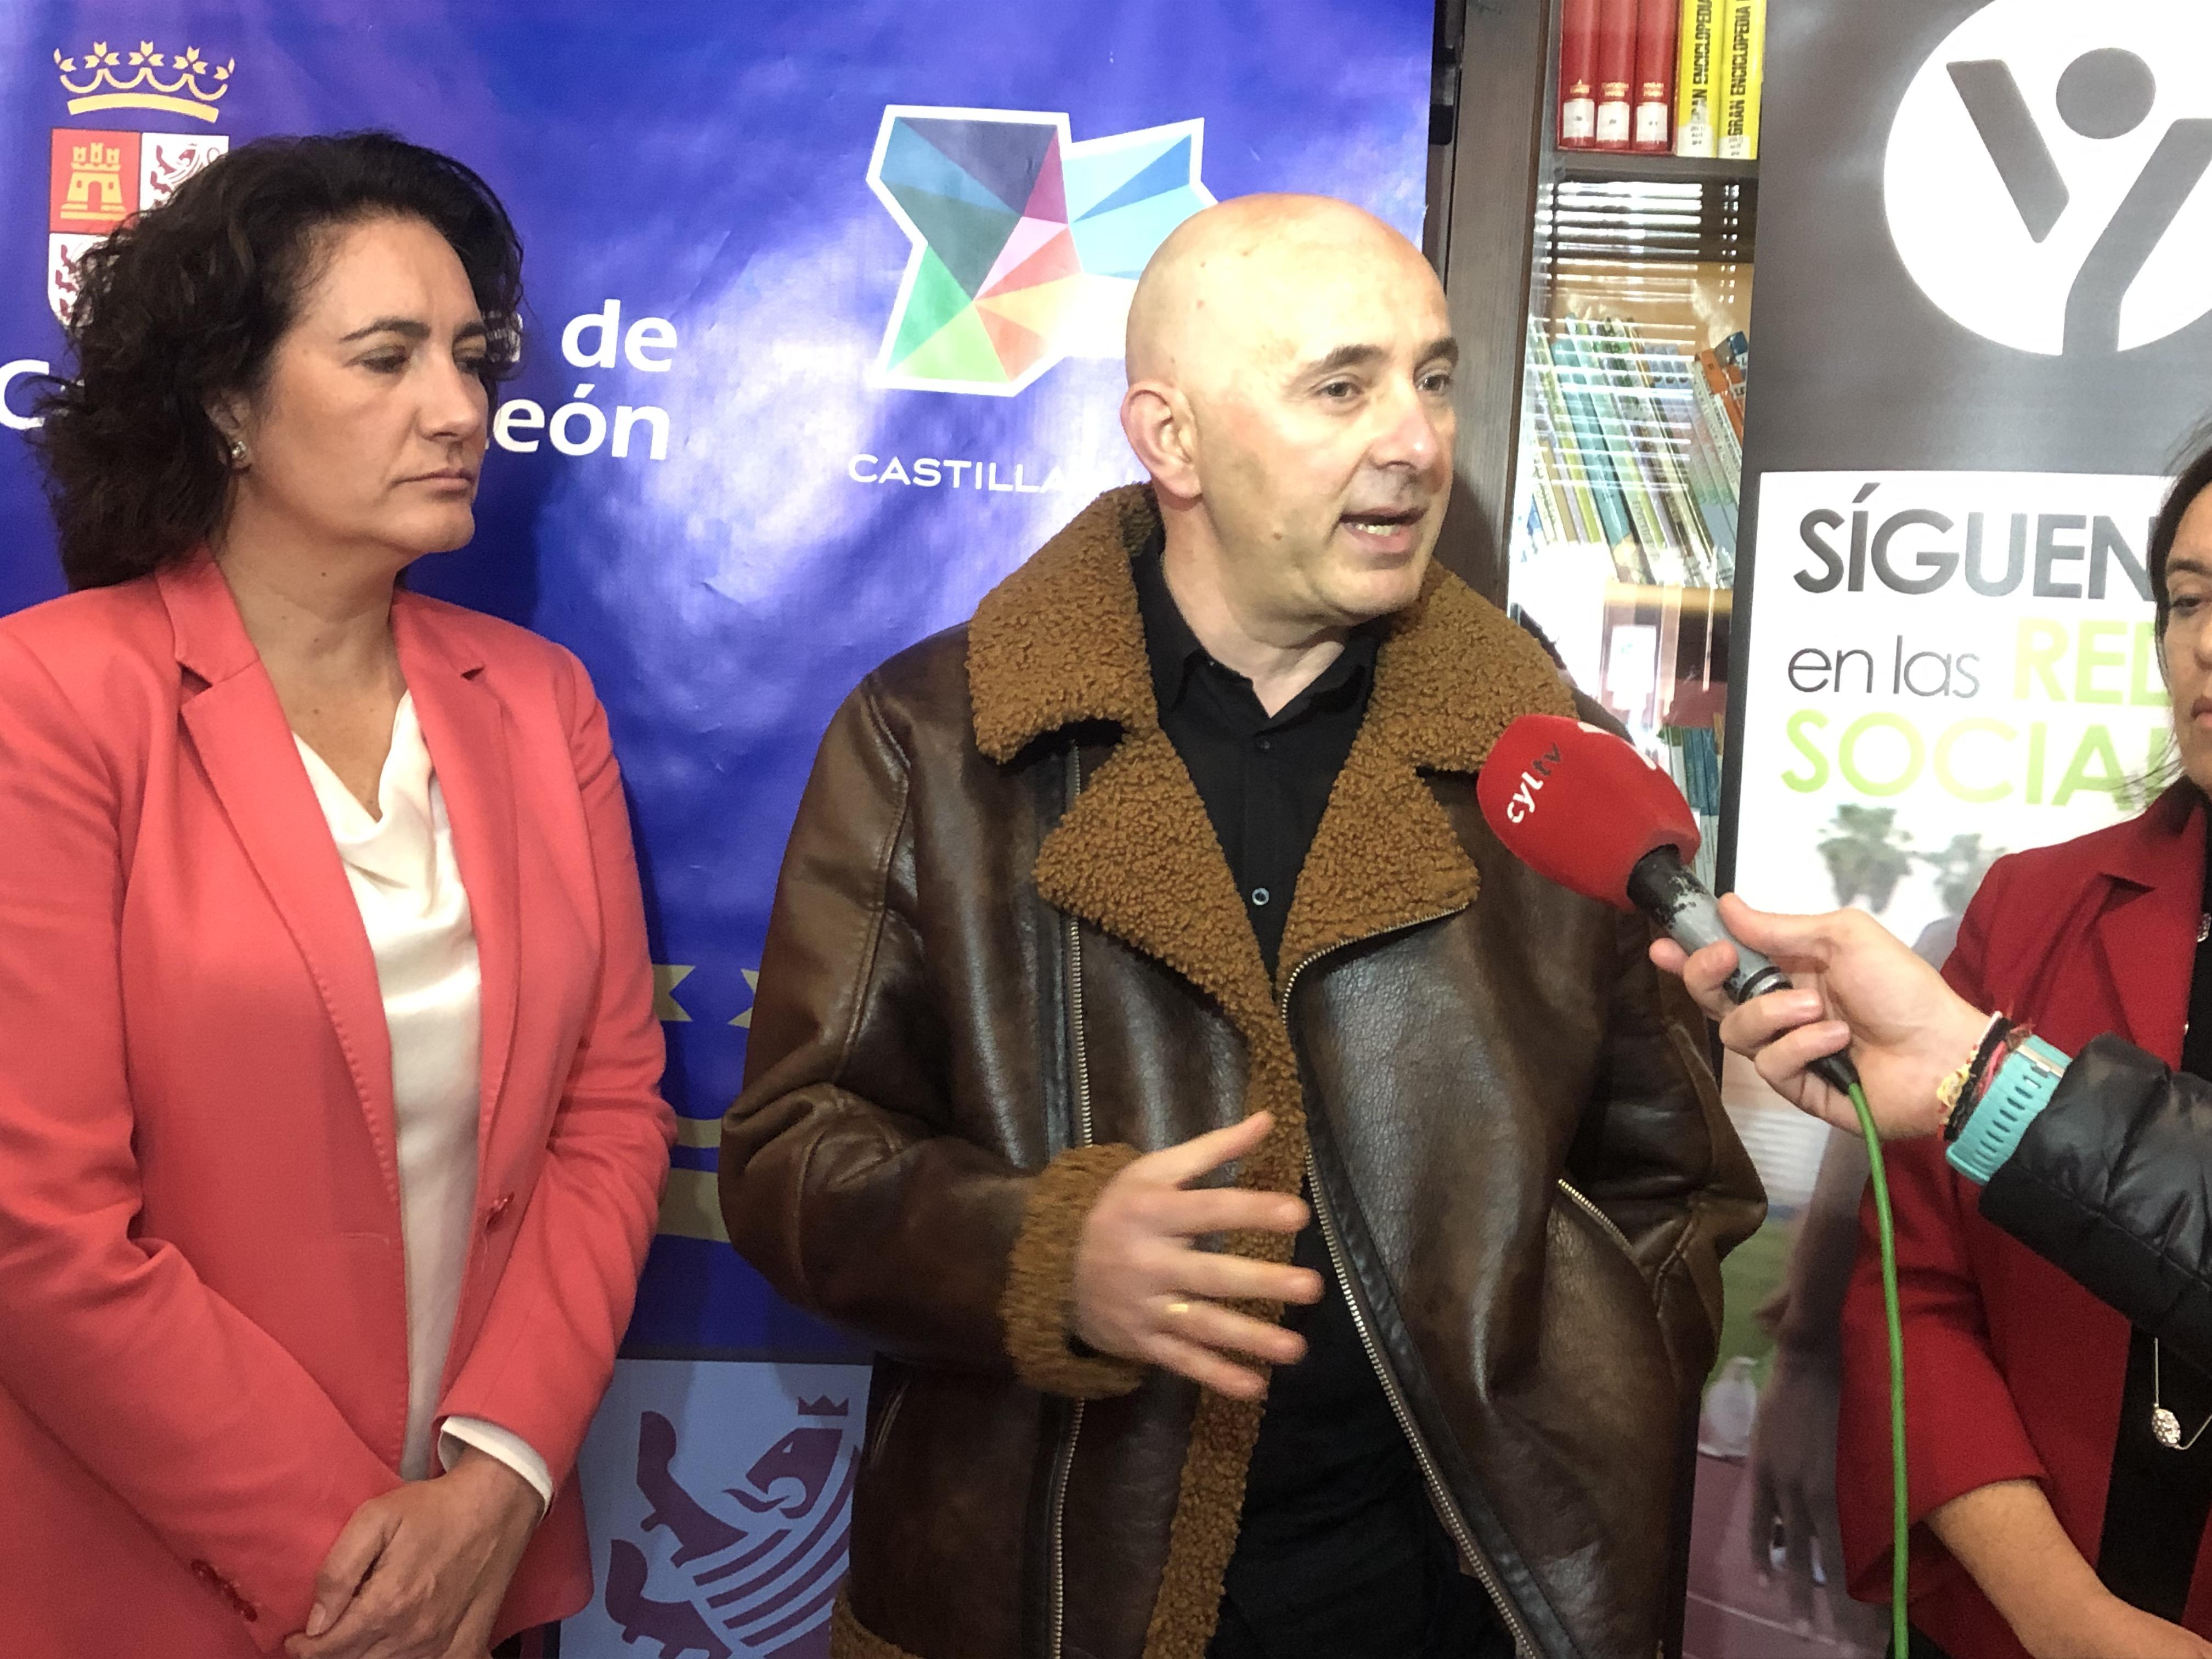 Selección de Castilla y León. FEDEACYL